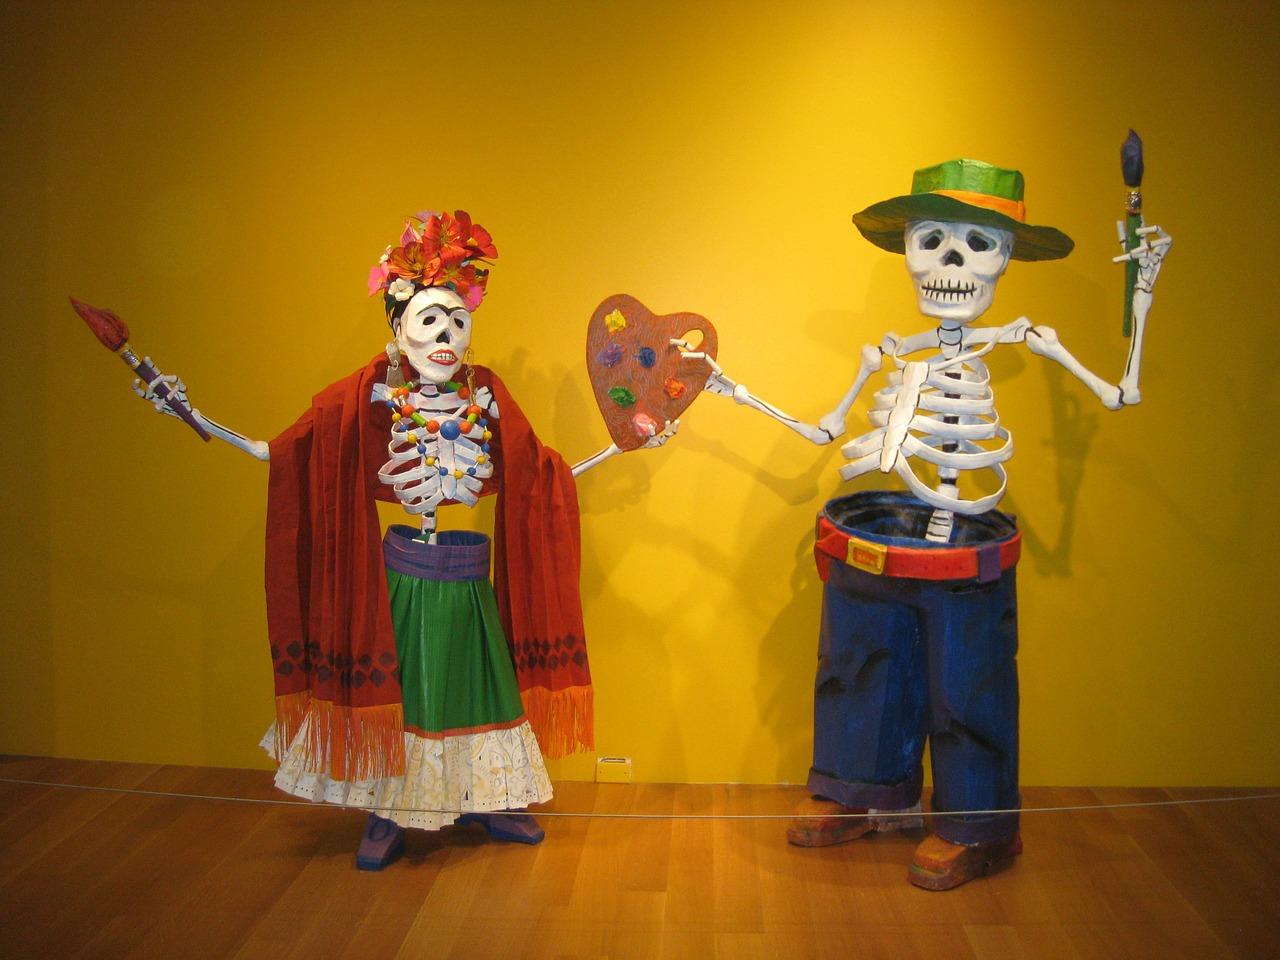 Casa Frida Kahlo